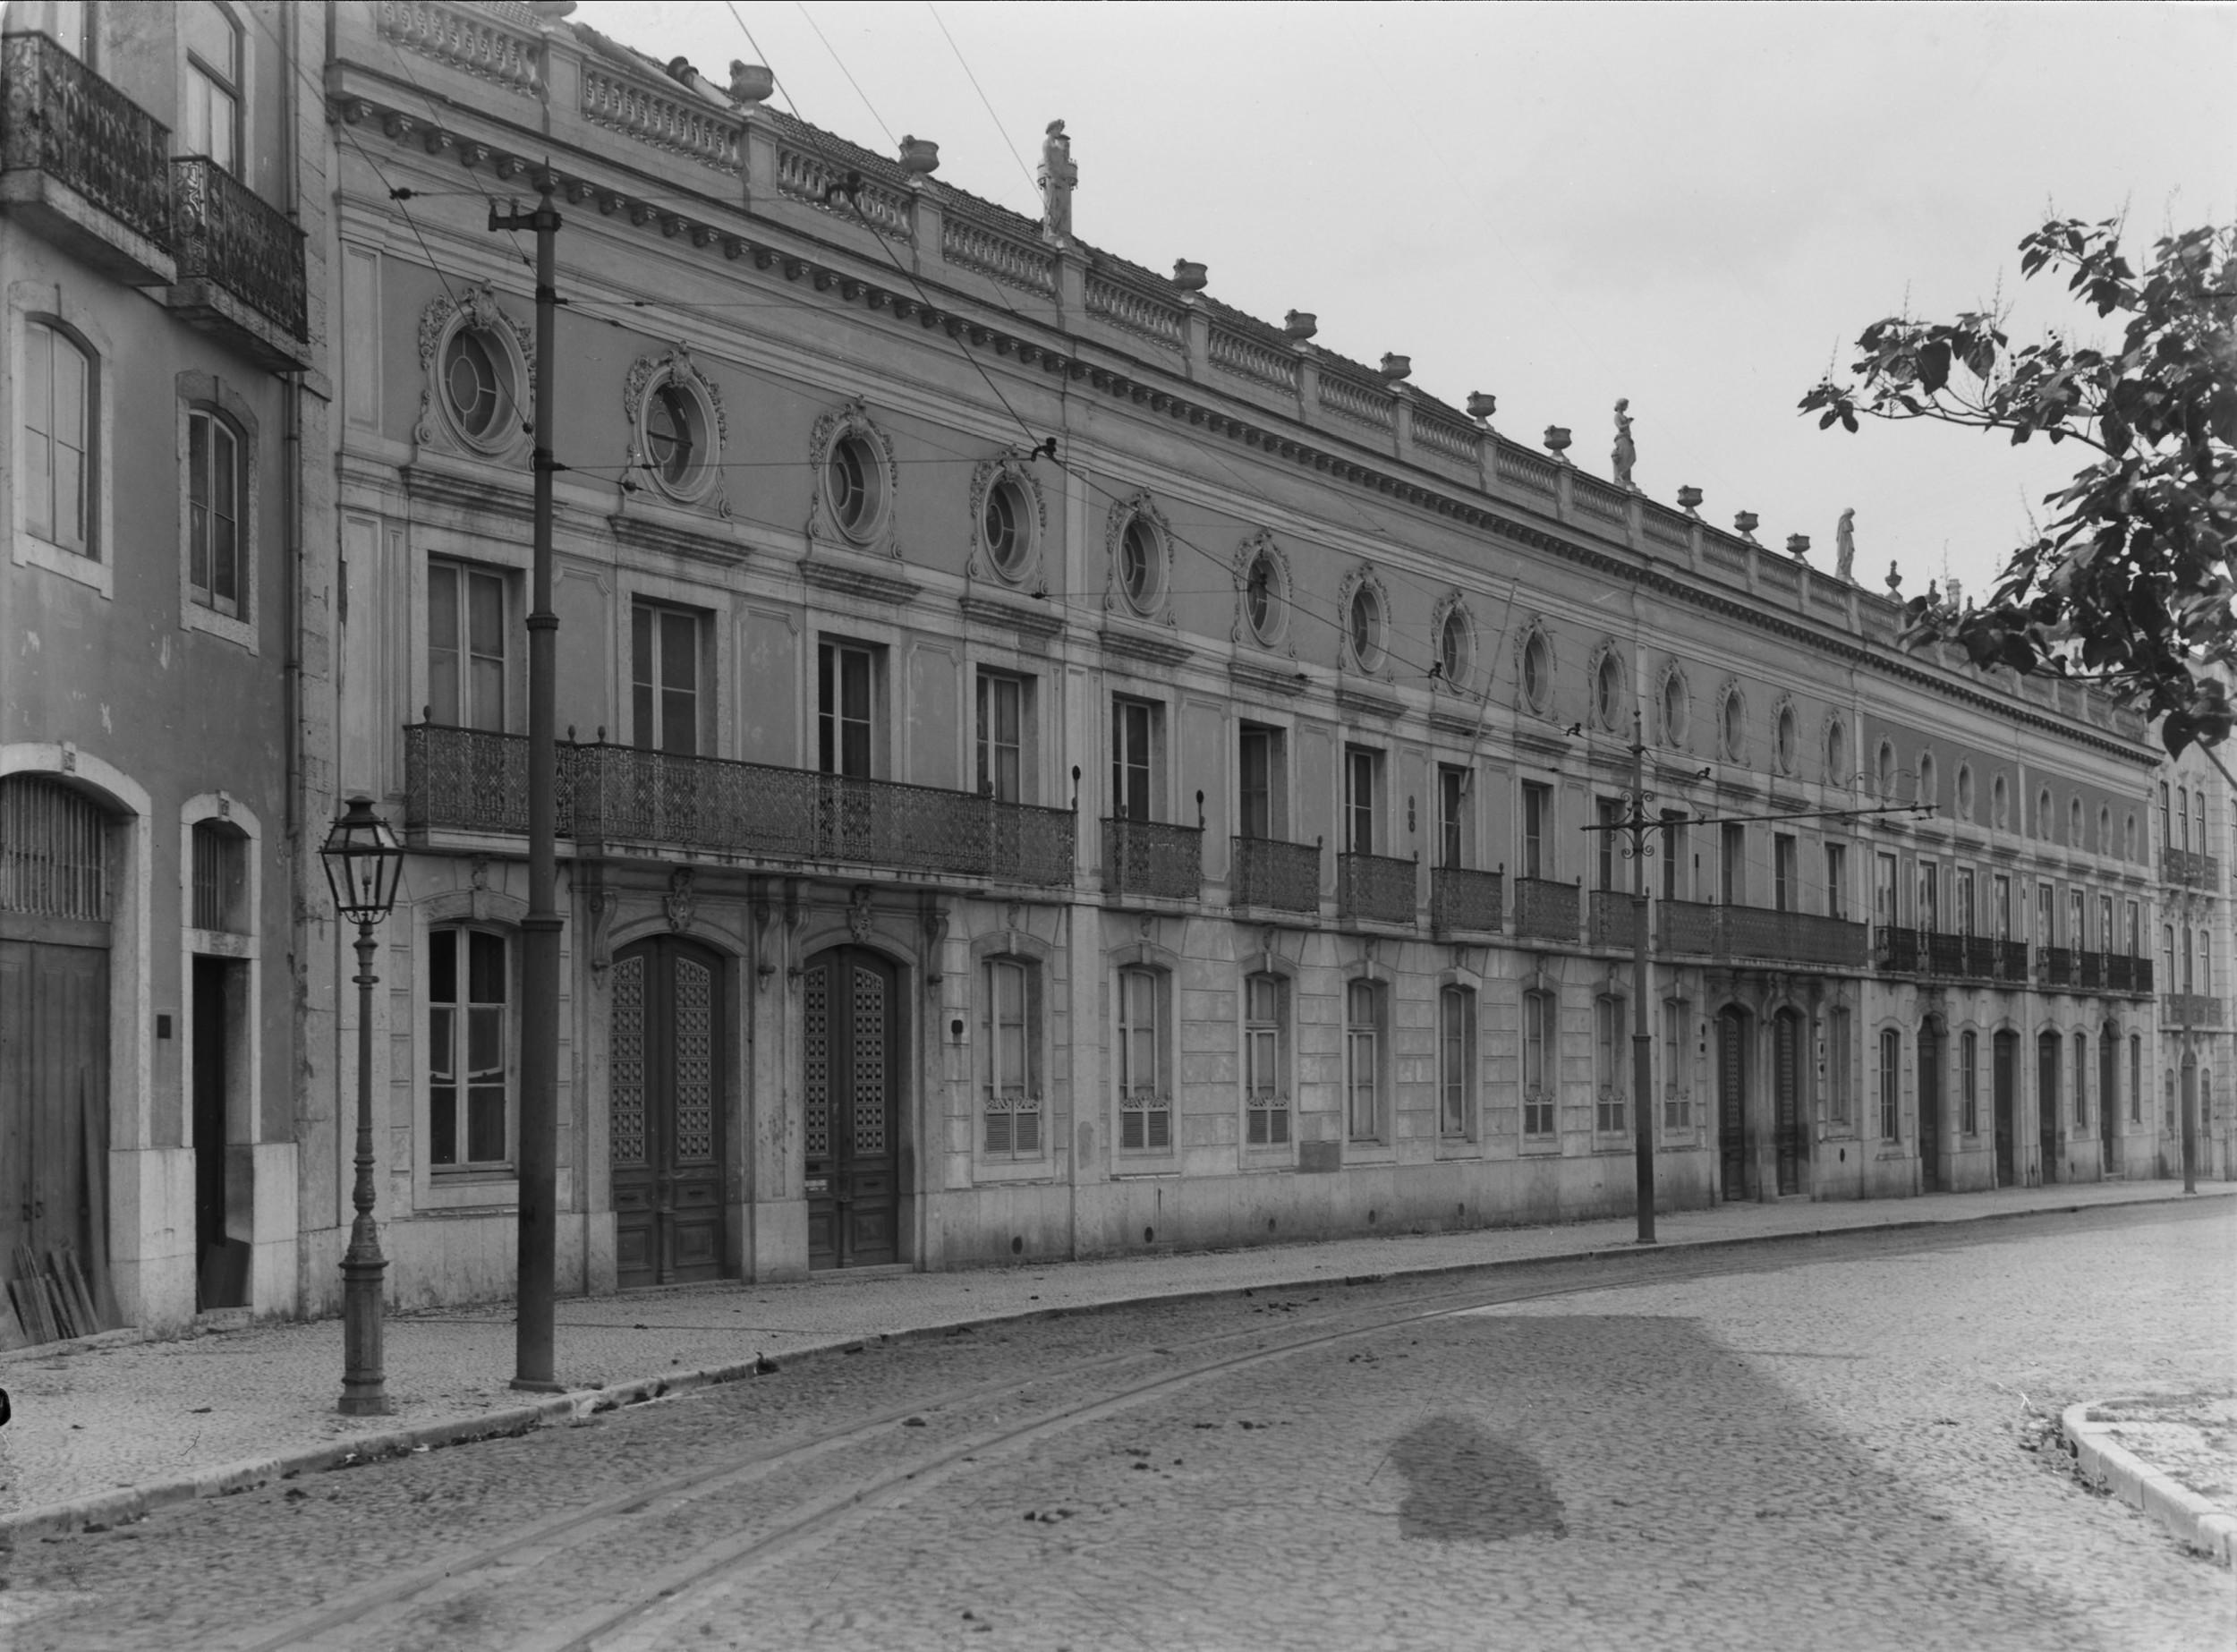 Instituto Superior Técnico, Lisbon  Photo: Mário Novais, ca. 1936-37, Lisbon  Biblioteca de Arte da Fundação Calouste Gulbenkian [CFT003_051859]